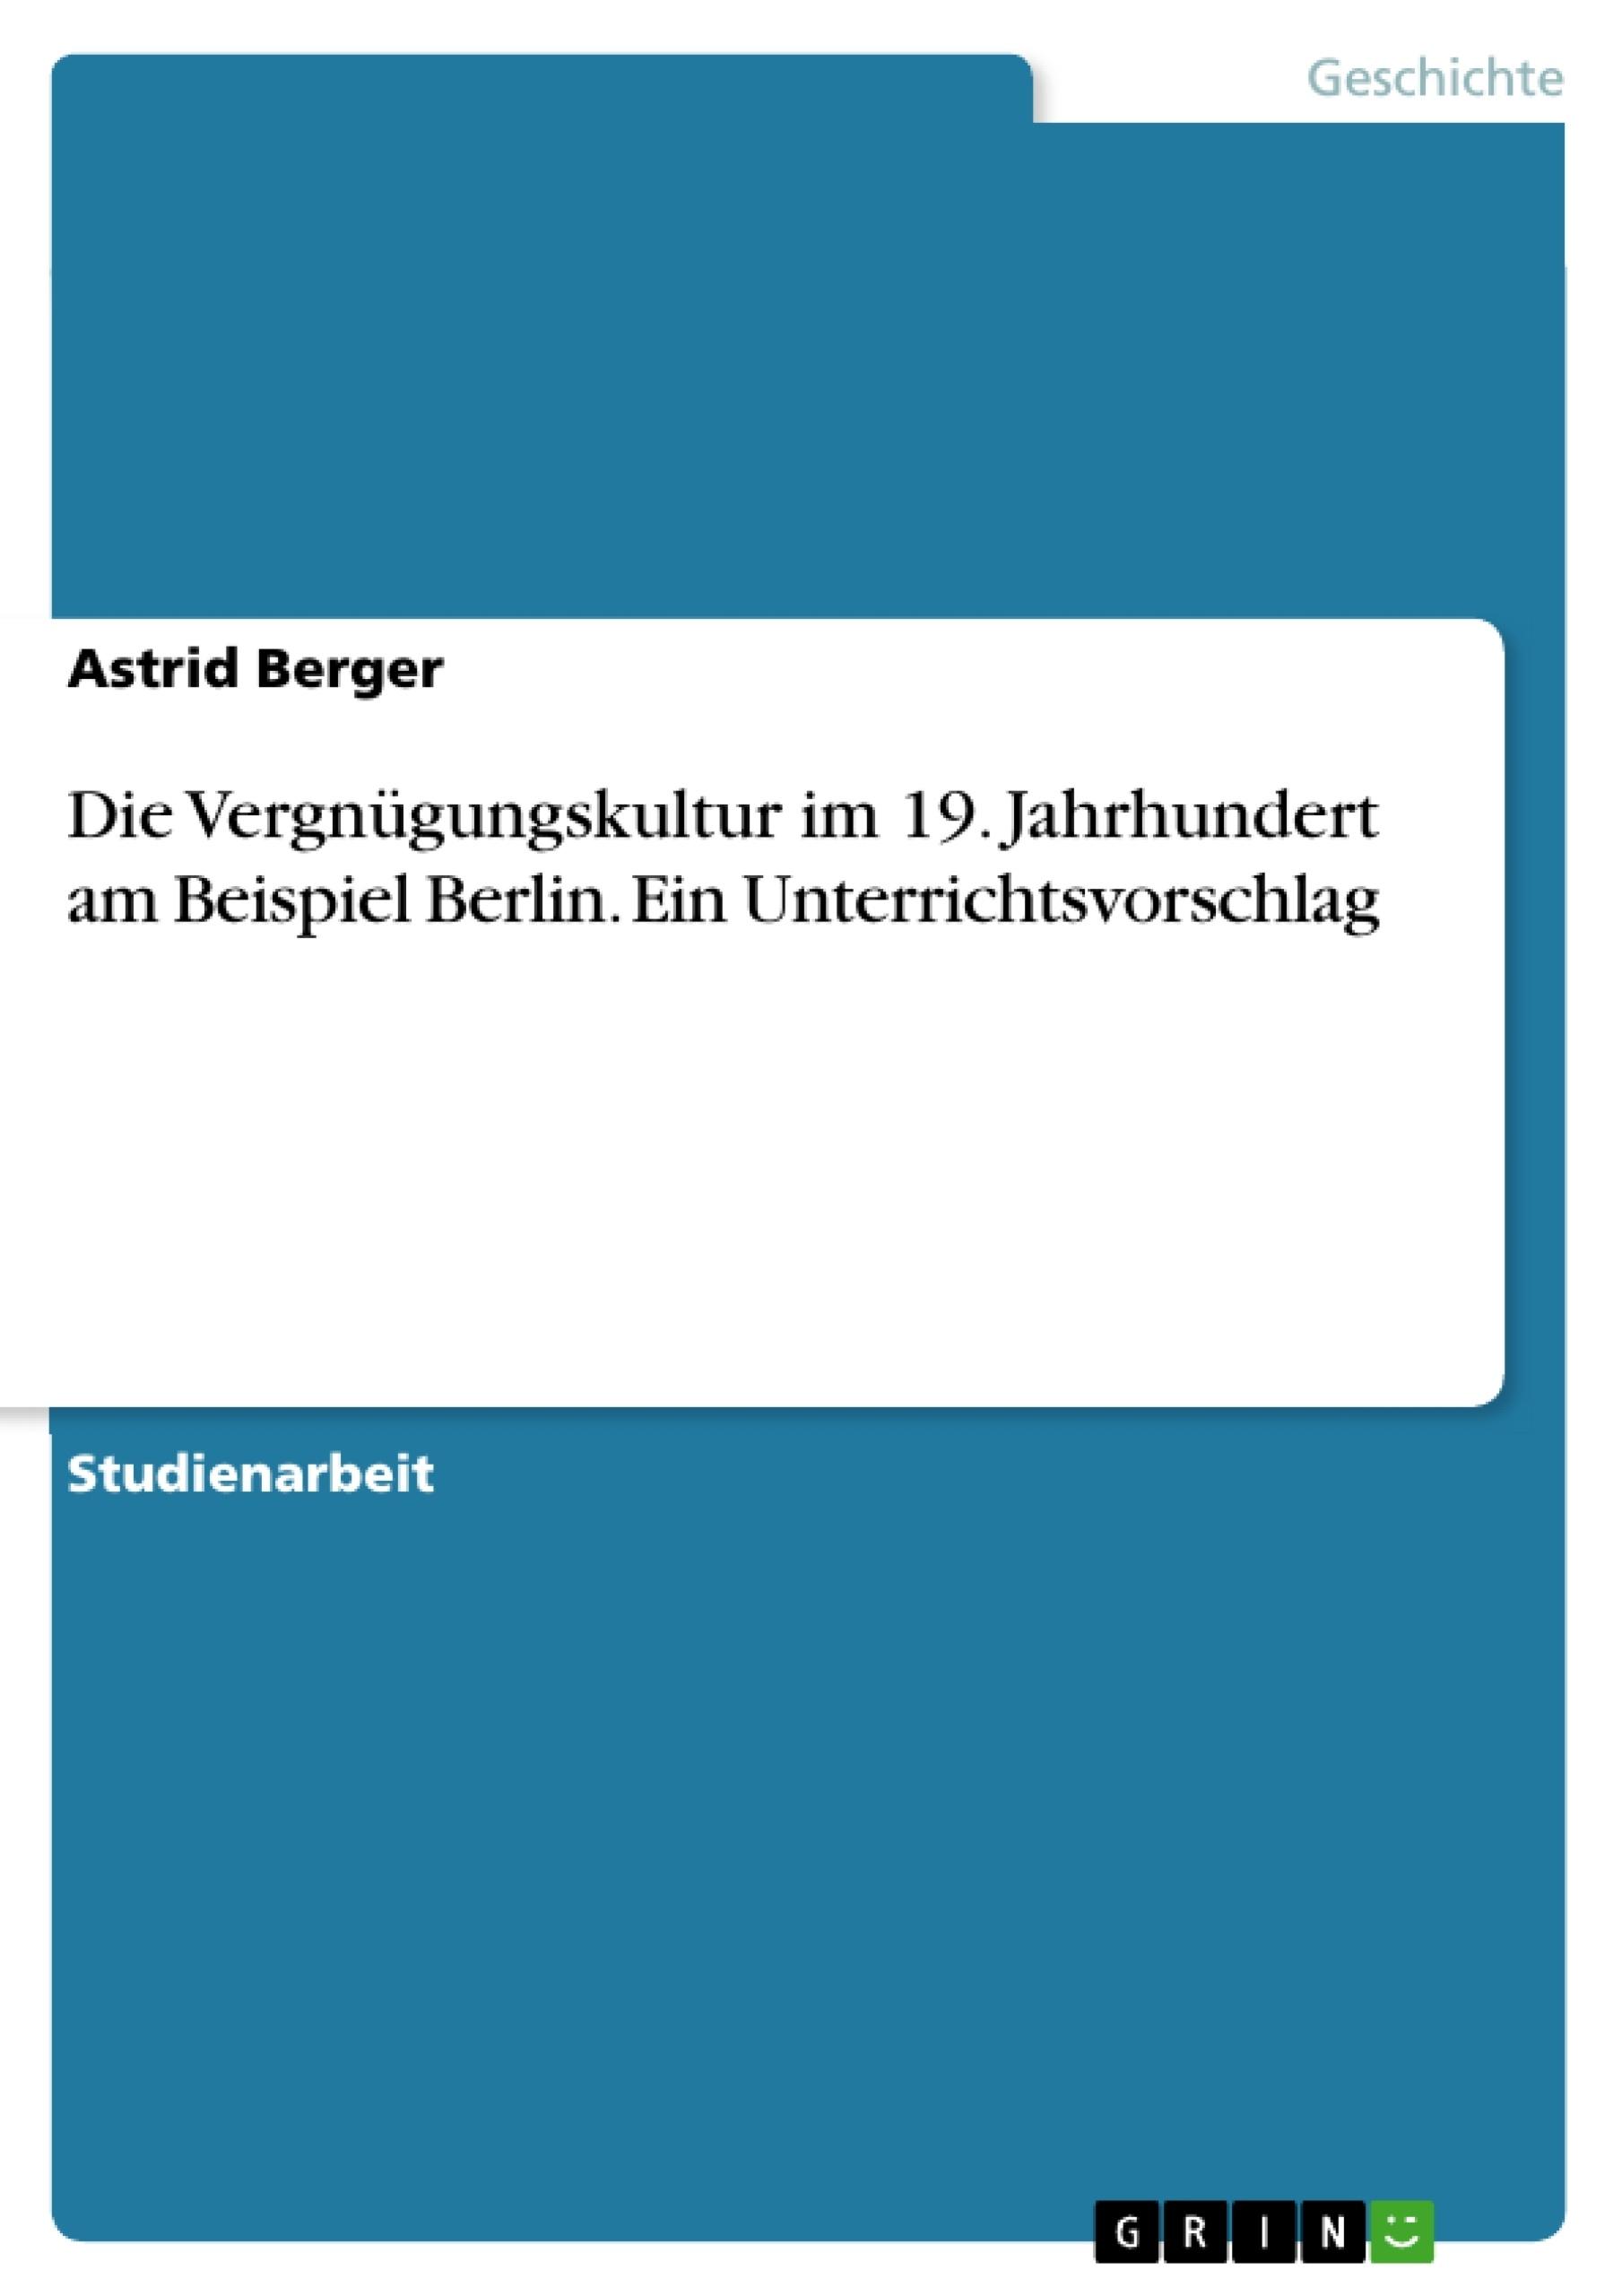 Titel: Die Vergnügungskultur im 19. Jahrhundert am Beispiel Berlin. Ein Unterrichtsvorschlag